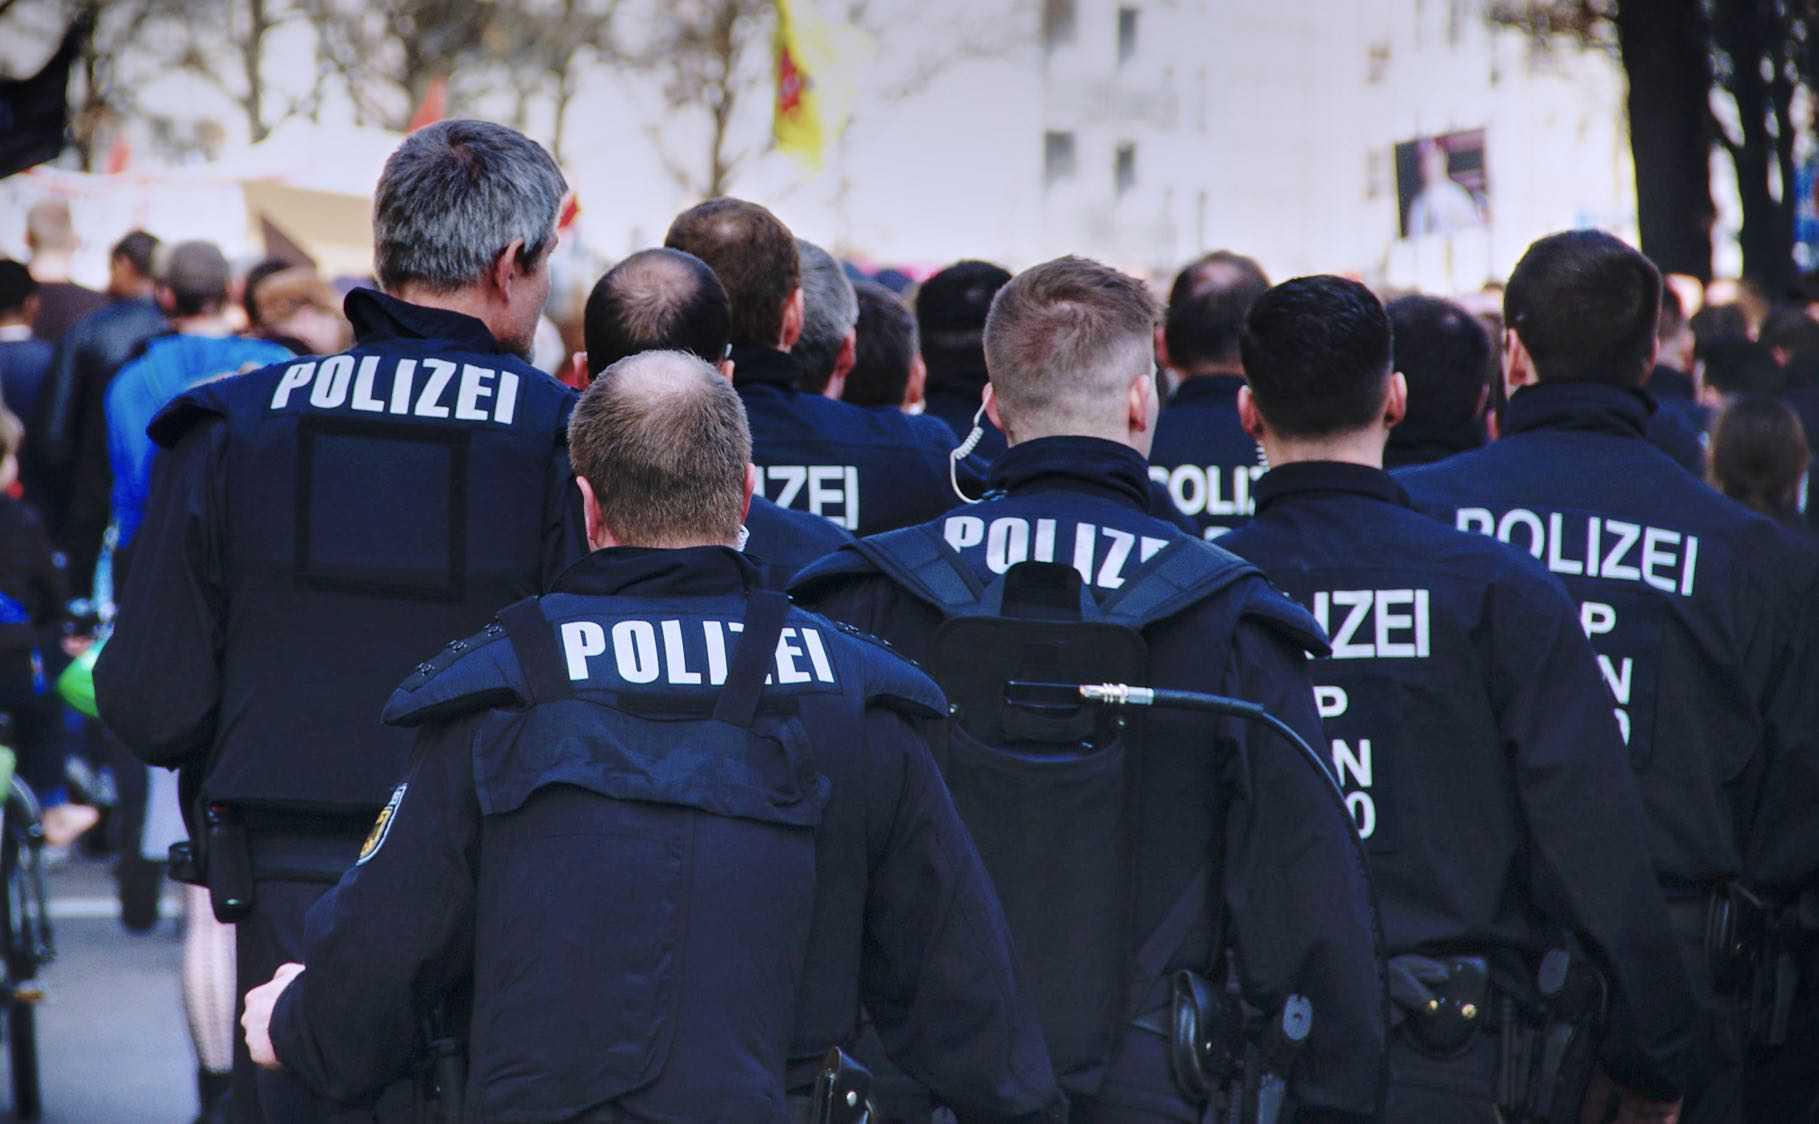 Polizei Polizisten Strafanzeige